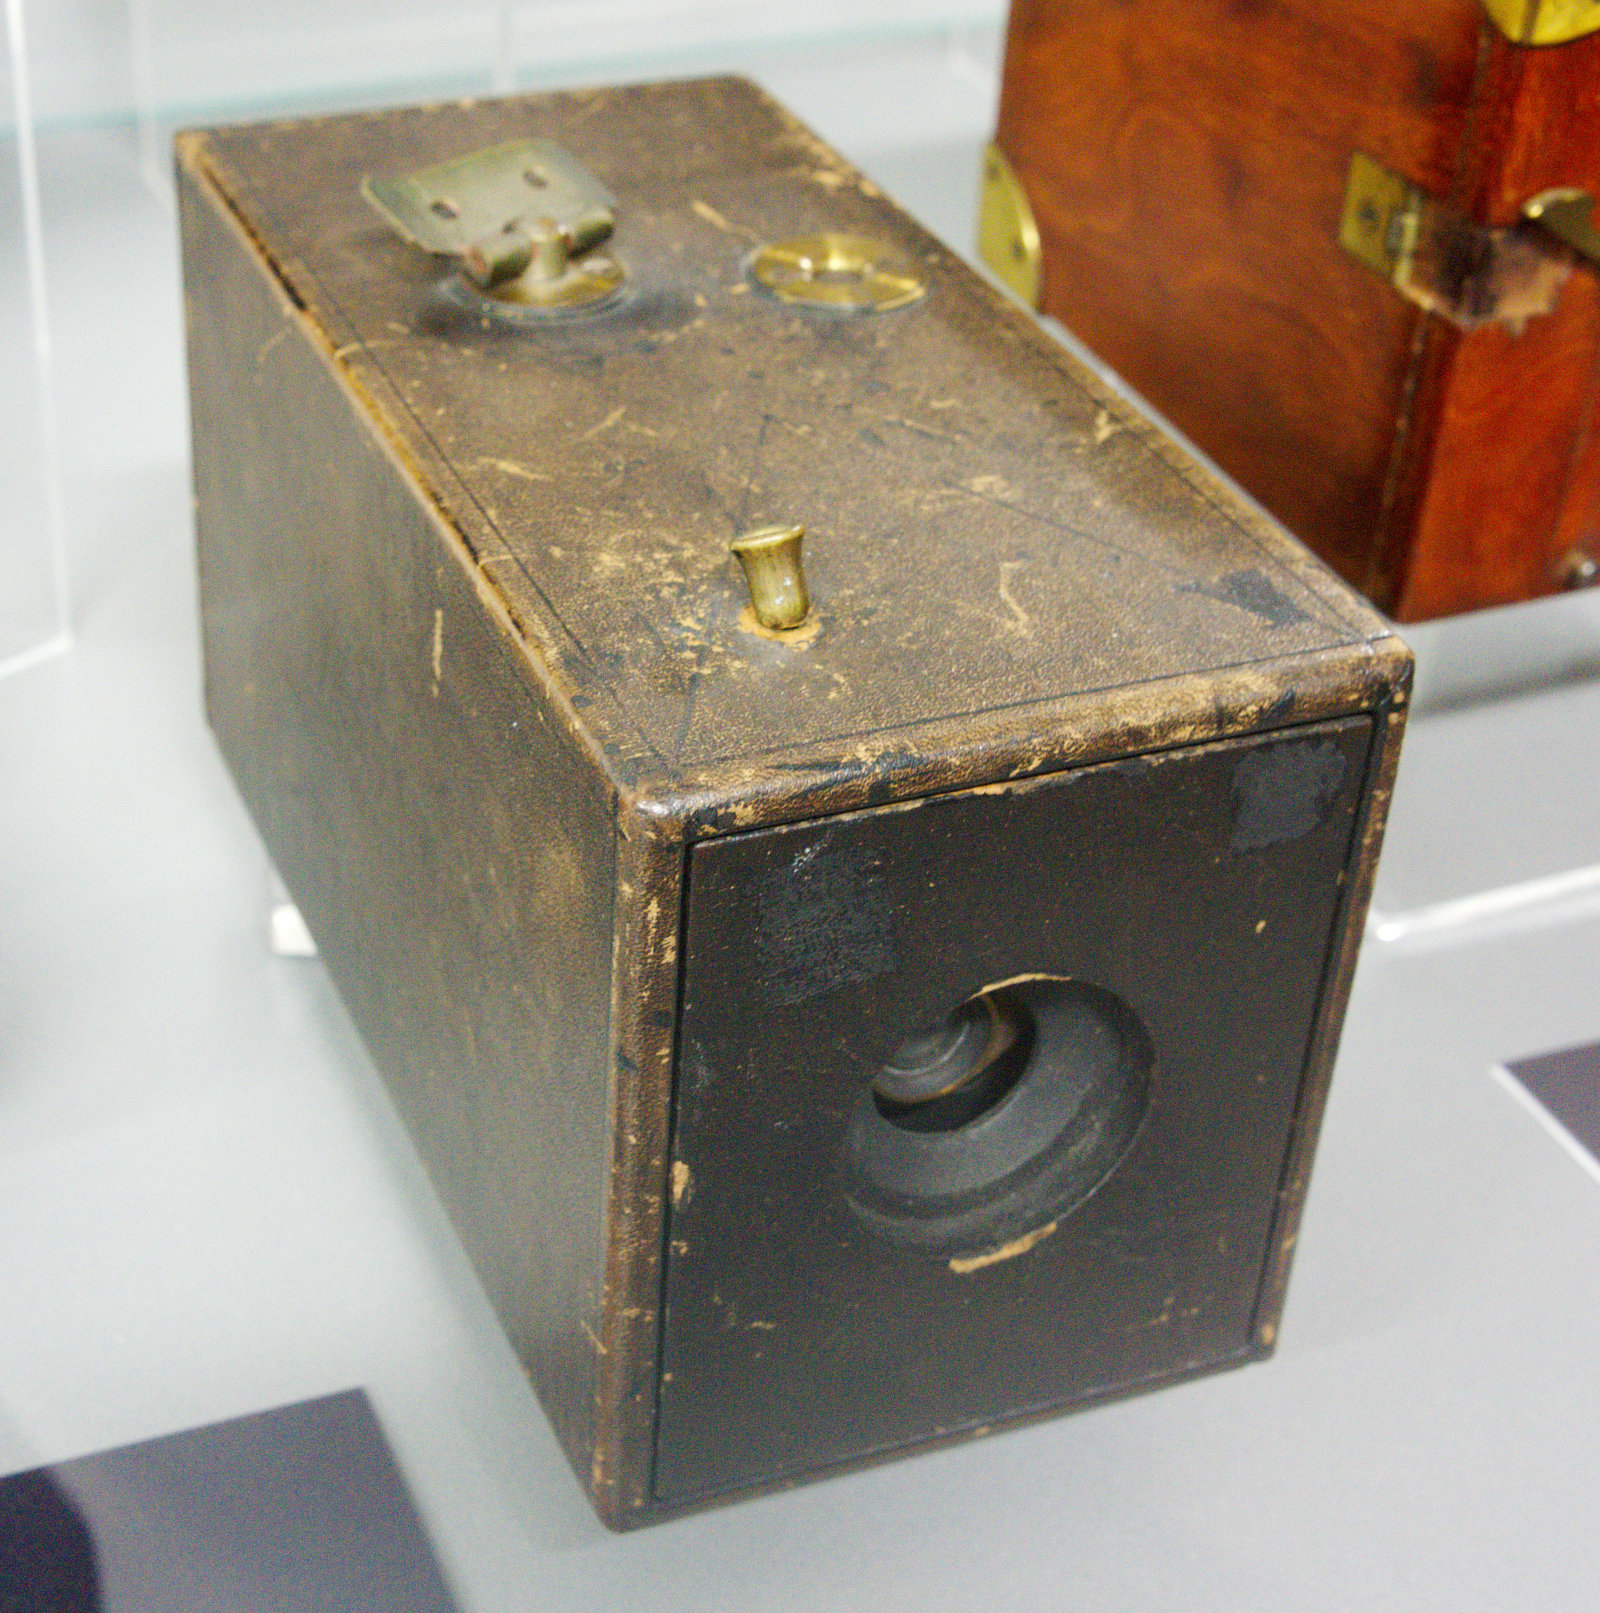 """Die <em>Kodak Nr. 1</em>, hergestellt zwischen 1889 und 1895, ist die bekannteste unter den vielen Handkameras, die im letzten Drittel des 19. Jahrhunderts produziert wurden und die Verbreitung der Amateurfotografie beschleunigten. Ihre Berühmtheit verdankt sie maßgeblich den Angaben der Firma Kodak, die den Eindruck erwecken, als habe die Kodak Nr. 1 die Amateur- und Rollfilmfotografie begründet. Neuere Forschungen haben diese Deutung, die seither vielfach unkritisch reproduziert wurde, jedoch infrage gestellt. (Vgl. Starl, Timm: Knipser. Die Bildgeschichte der privaten Fotografie in Deutschland und Österreich von 1880 bis 1980. München 1995: Koehler & Amelang, 45-50.)<br> Quelle: <a href=""""https://commons.wikimedia.org/wiki/File:Kodak_nr_1.jpg"""">User:Bronger / Wikimedia Commons</a><br> Lizenz: <a href=""""https://creativecommons.org/publicdomain/zero/1.0/deed.de"""">Public Domain / CC0 1.0</a>"""